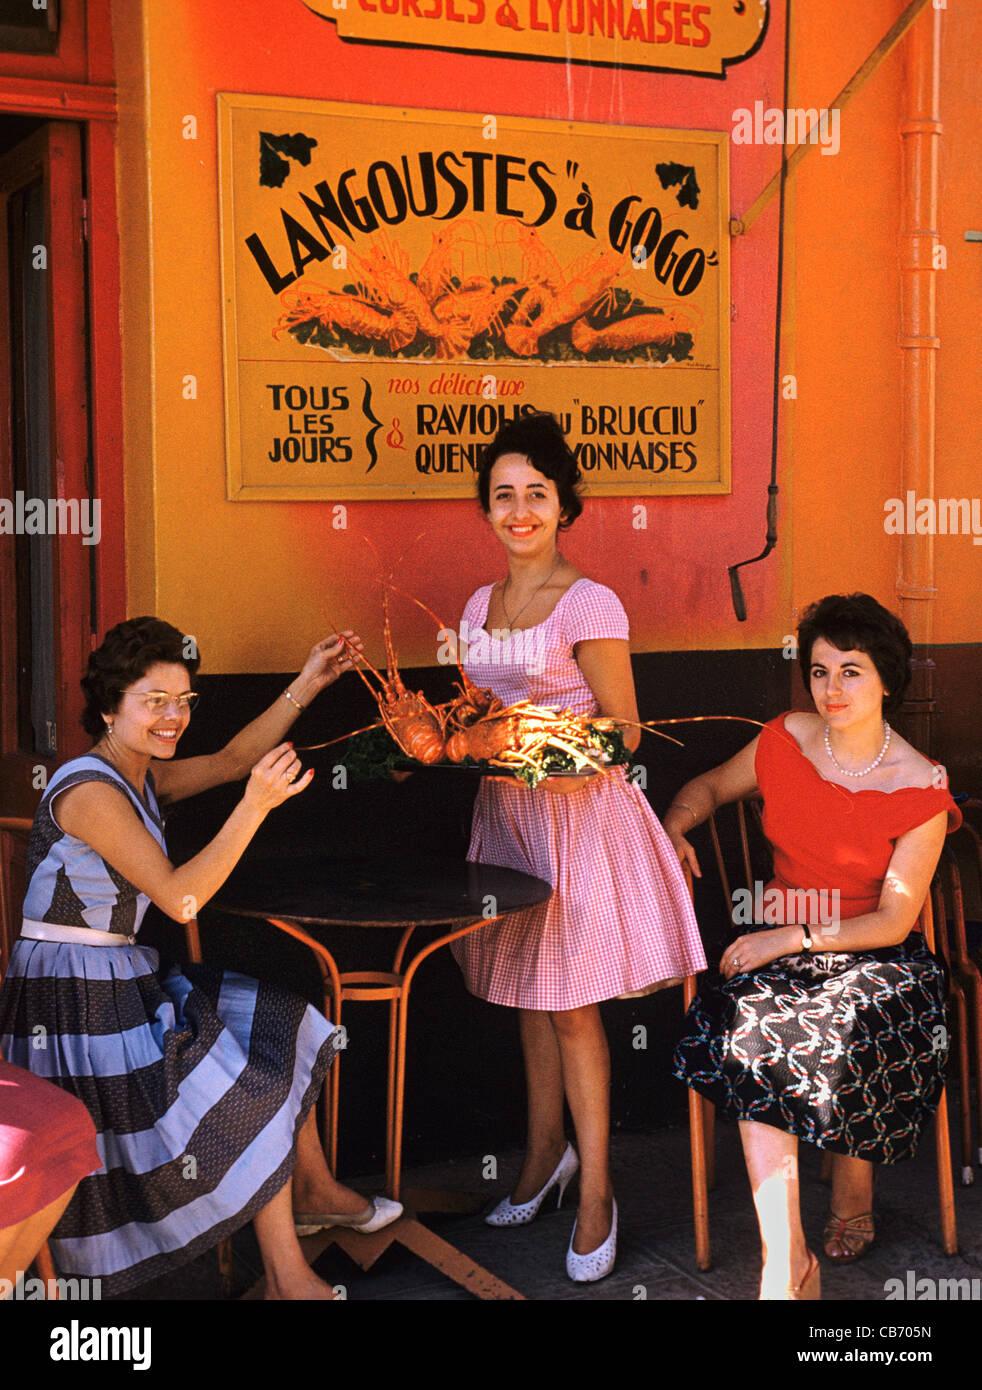 Les femmes françaises des années 1950 ou au début des années 60, à l'extérieur Photo Stock